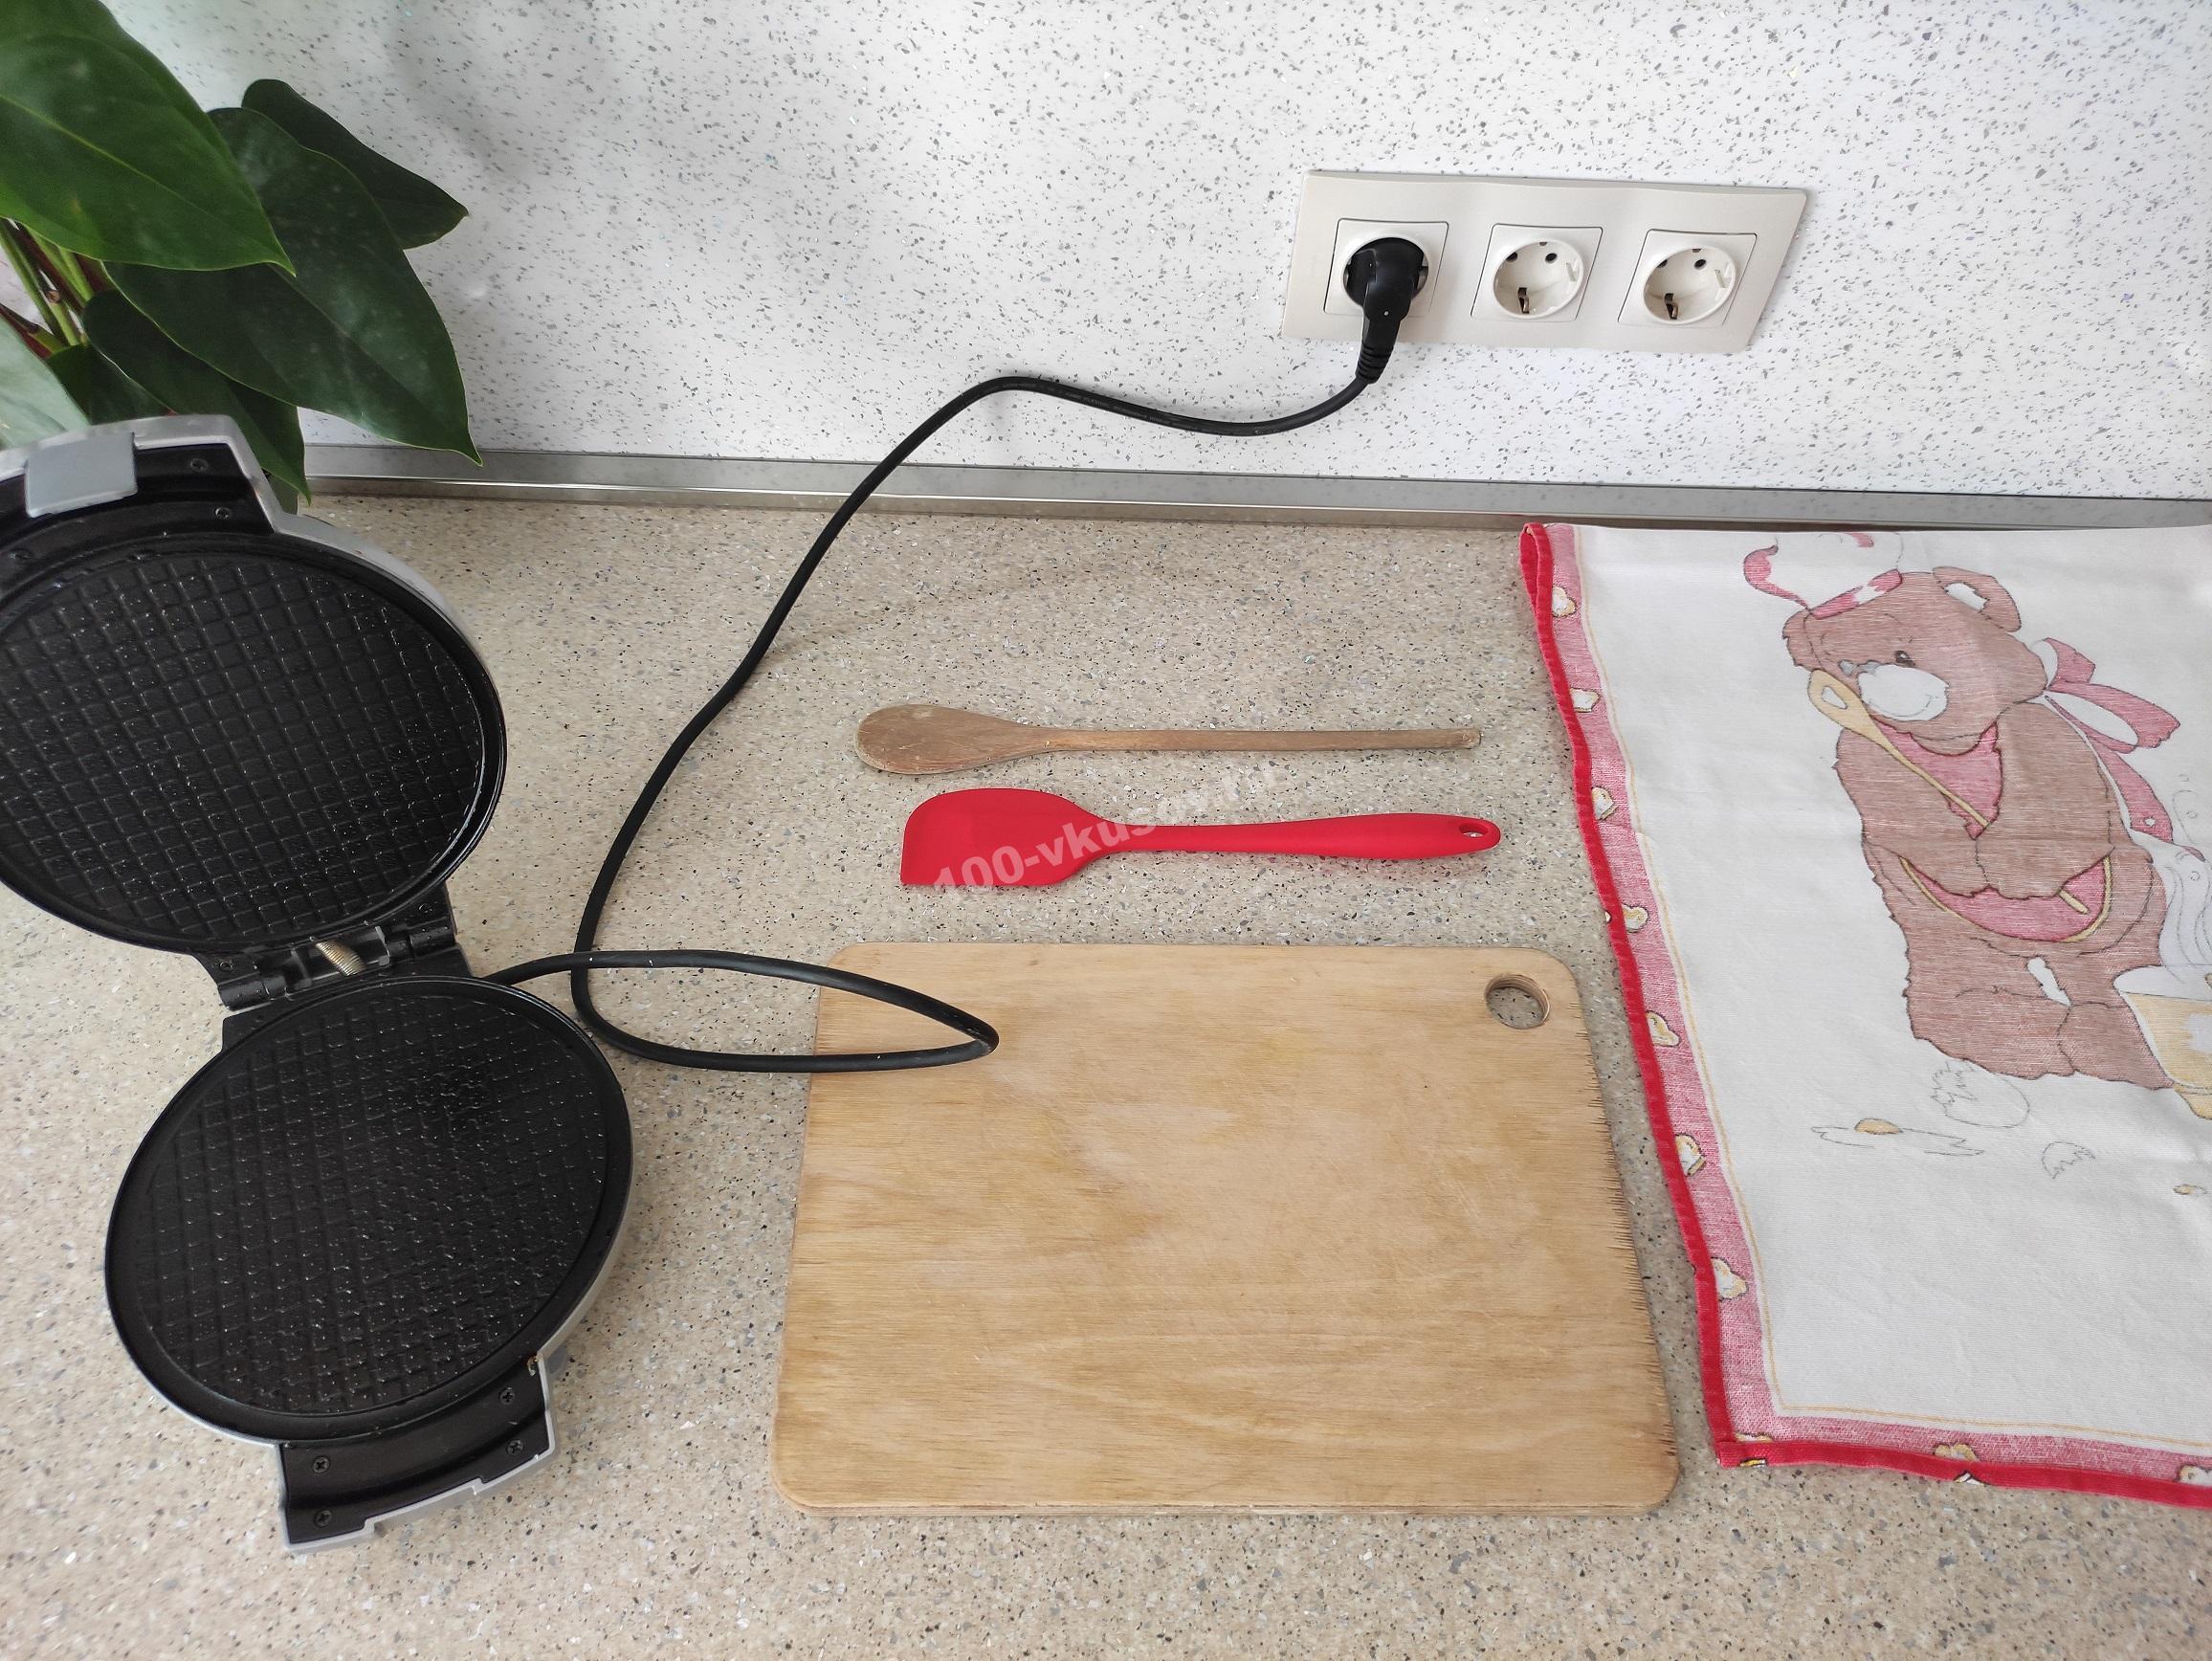 Инвентарь для приготовления вафельных трубочек